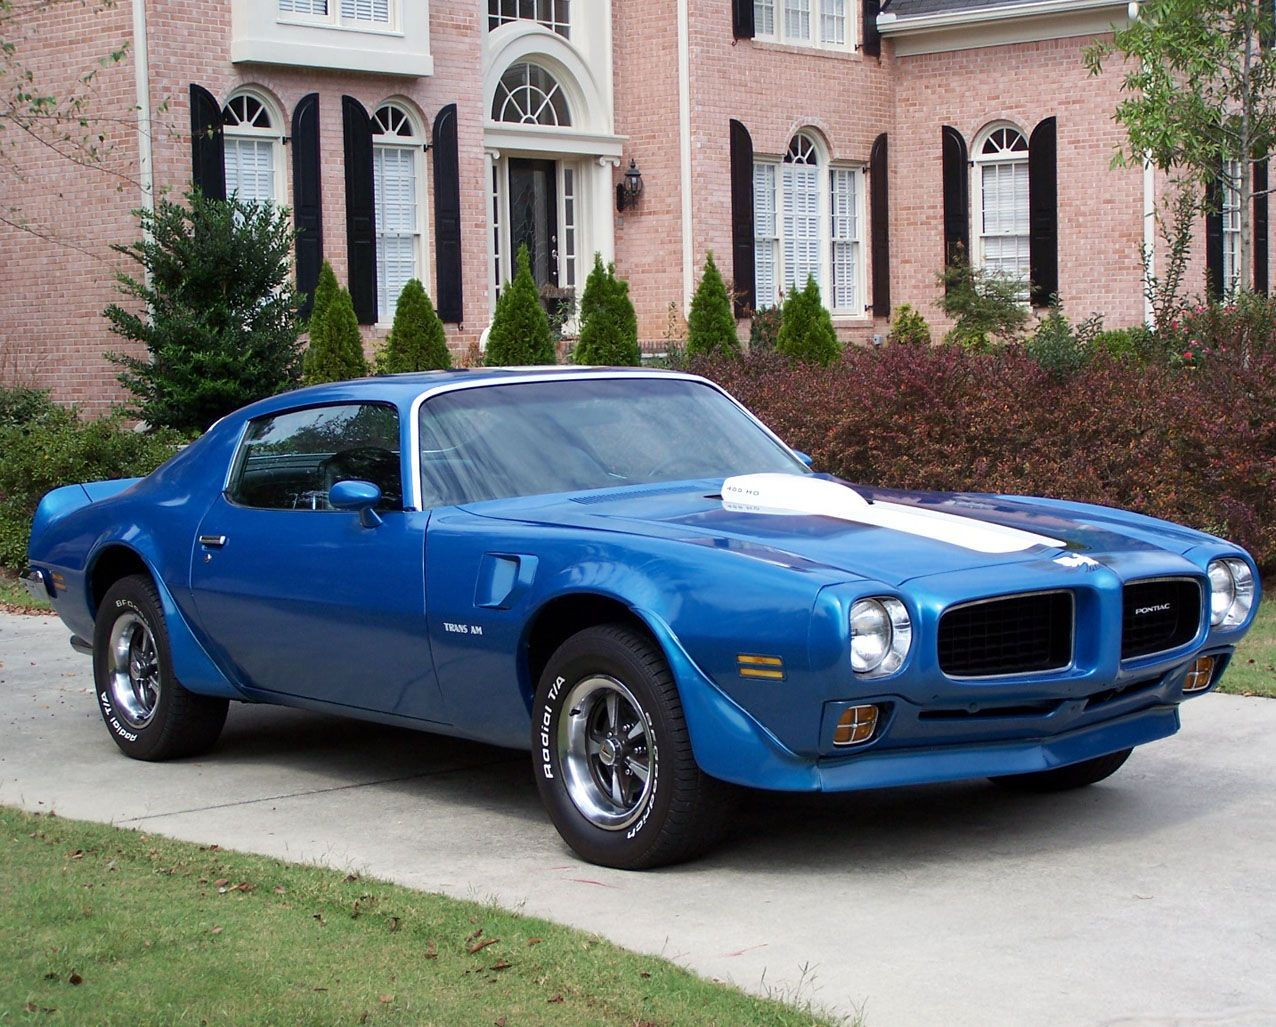 1971 Pontiac Trans Am Bluebird #cars #musclecars | Muscle